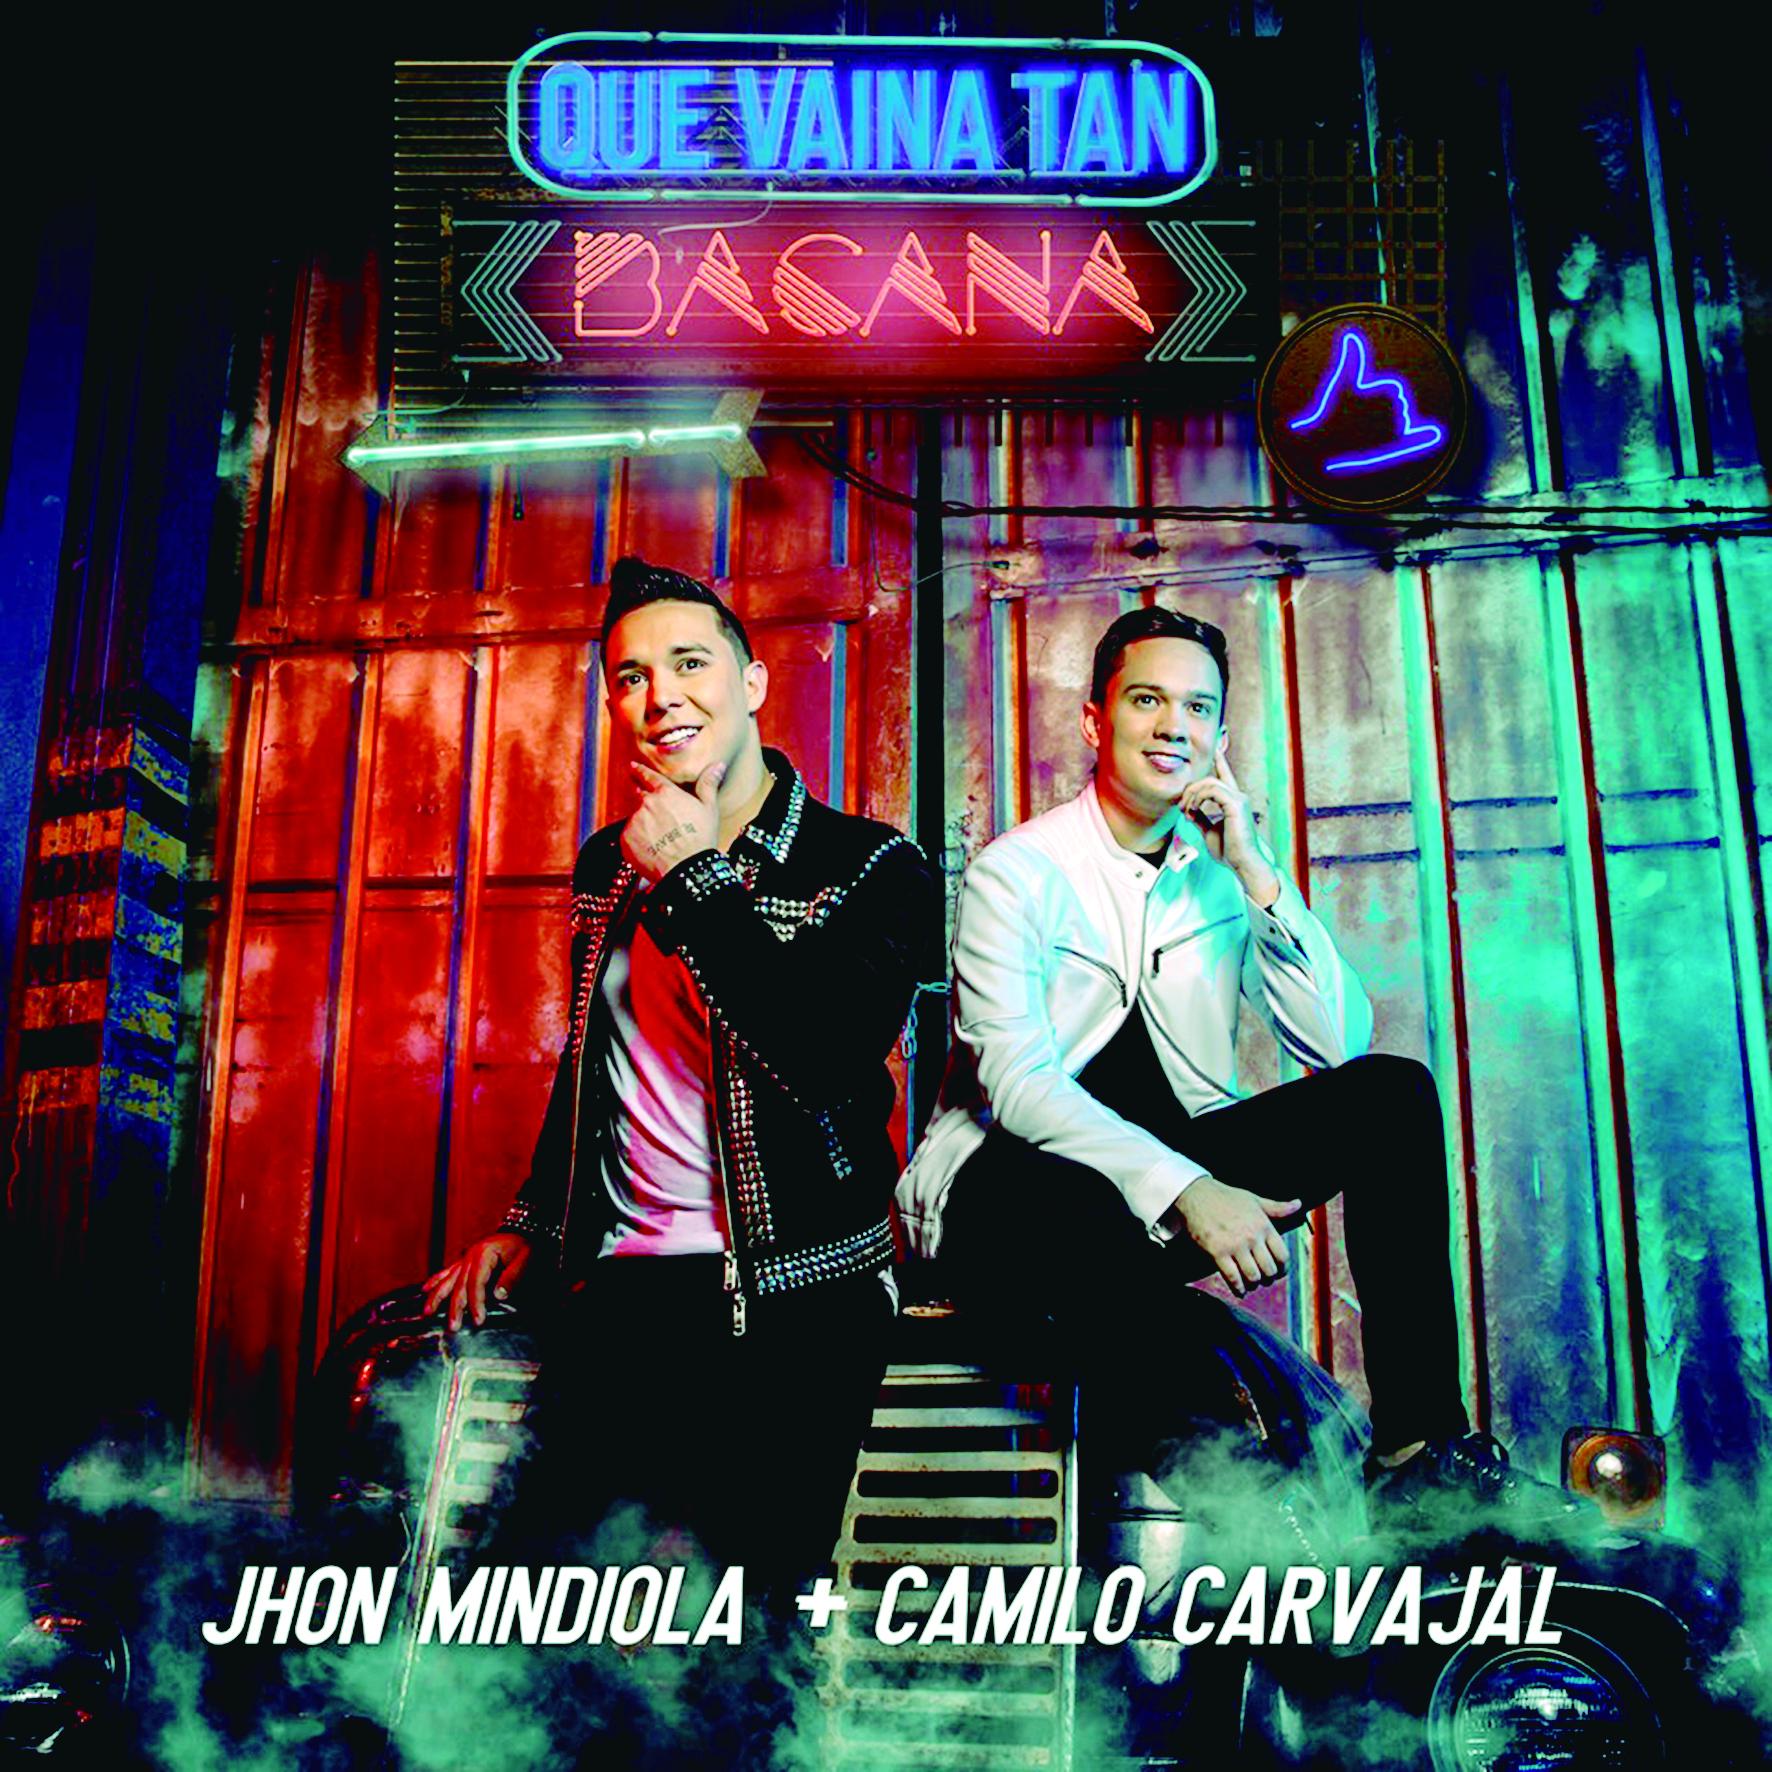 """'Que vaina tan bacana' """"Tomando a Morir"""" en la nueva producción musical de Jhon Mindiola   EL FRENTE"""